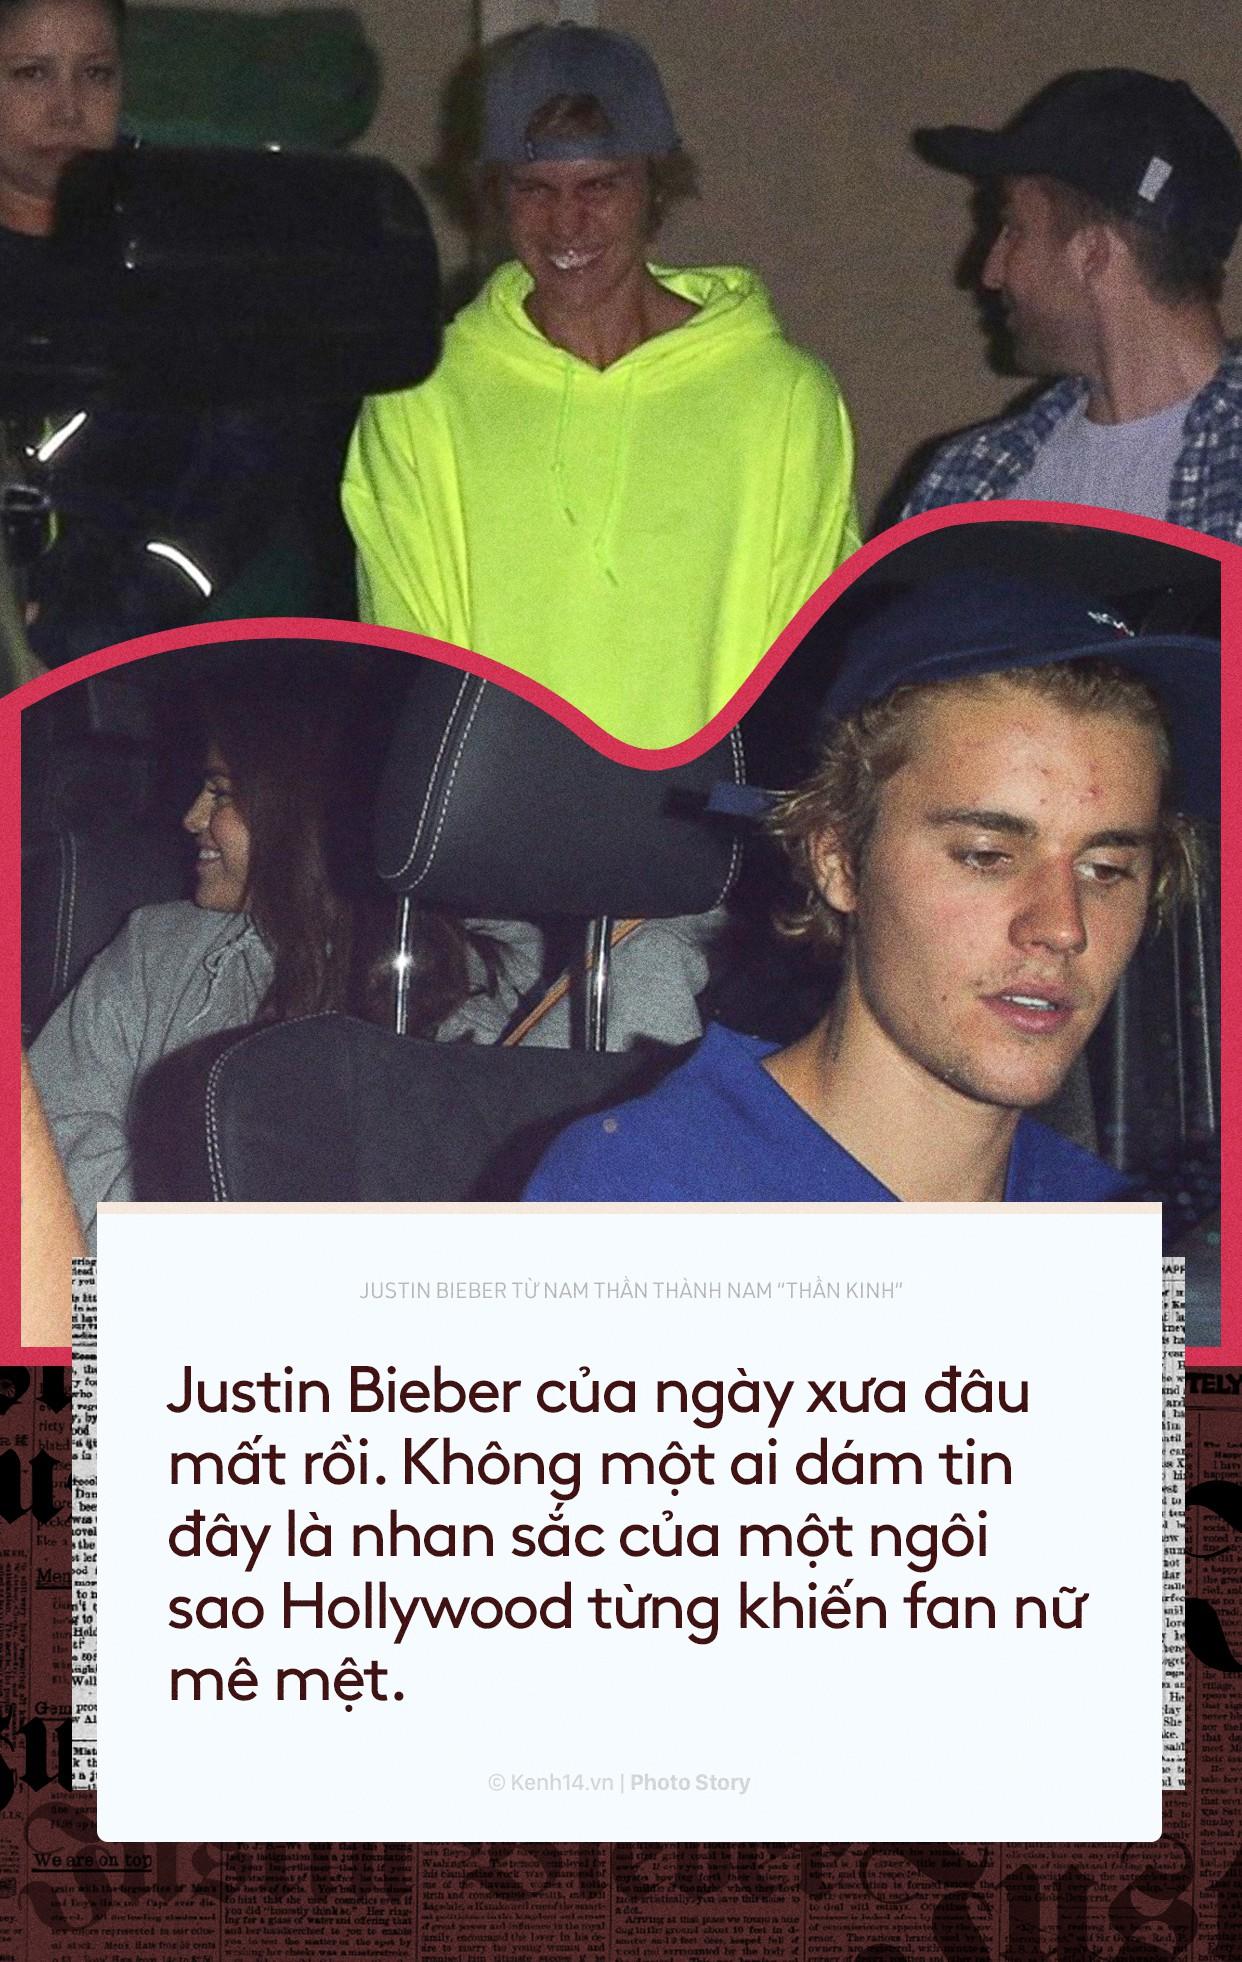 Nếu có ước muốn cho cuộc đời này, hãy nhớ ước muốn cho Justin Bieber đẹp trai trở lại - Ảnh 11.